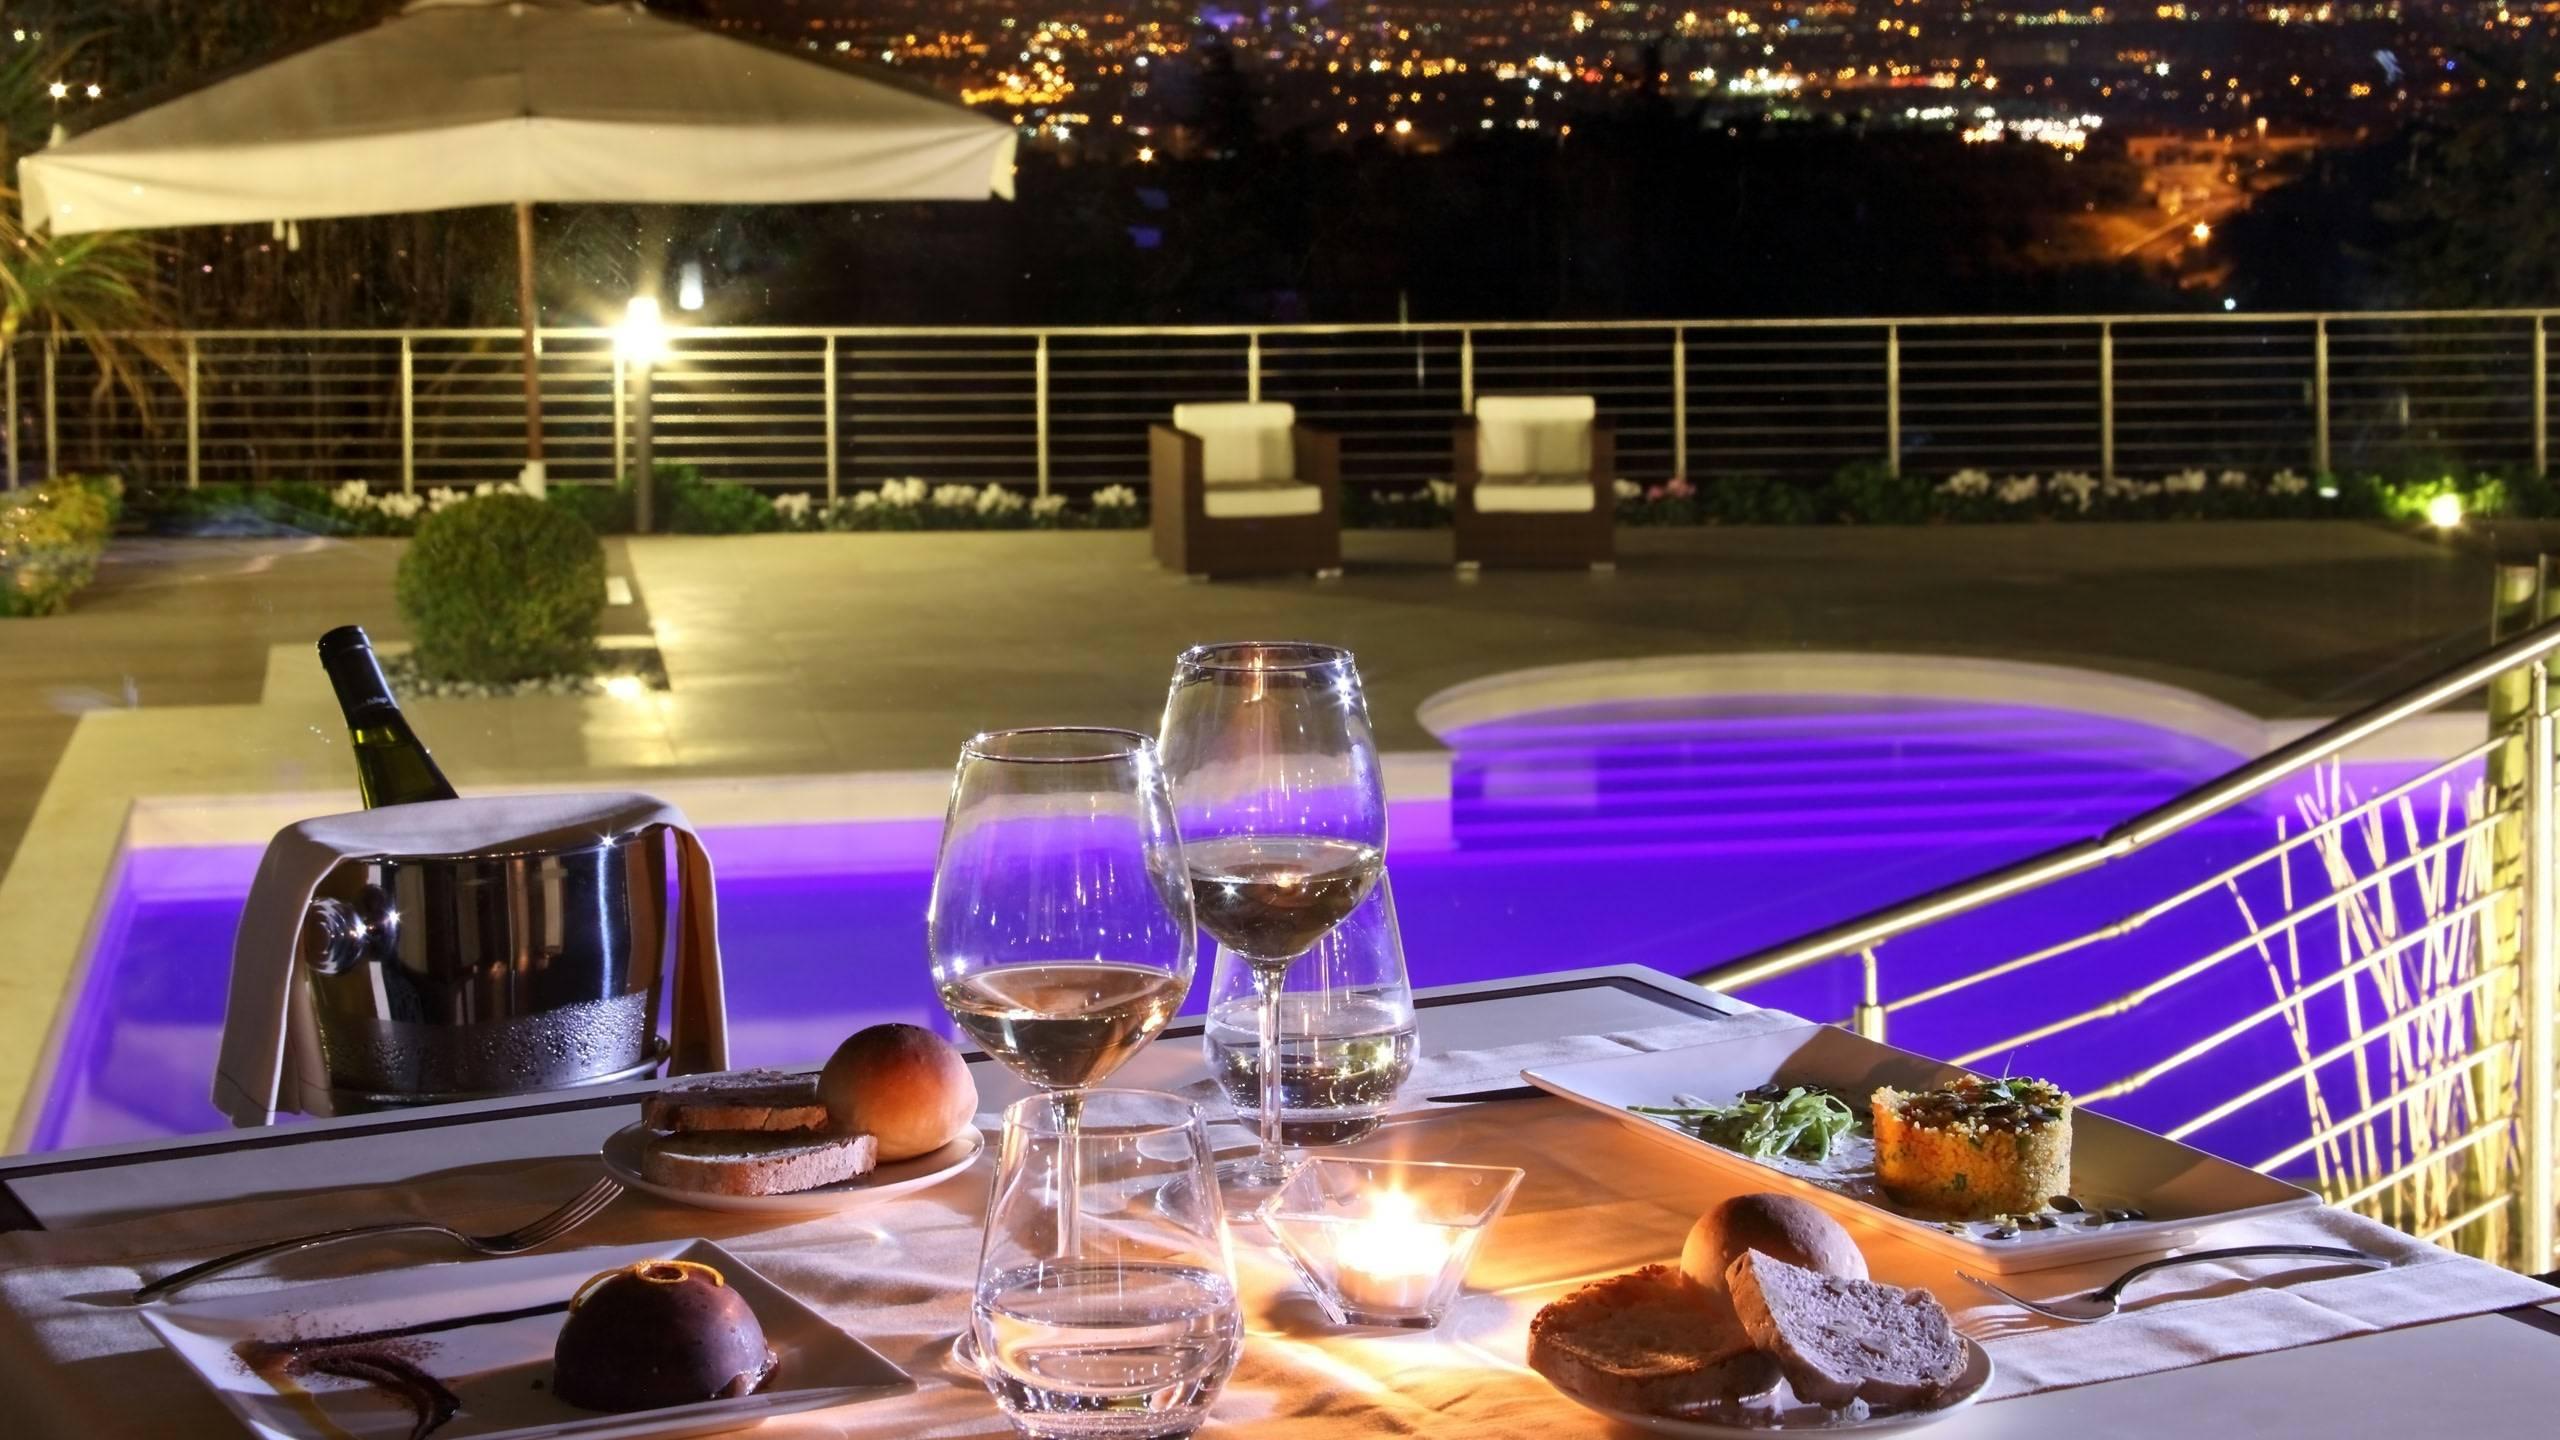 villamercede-ristorante-39